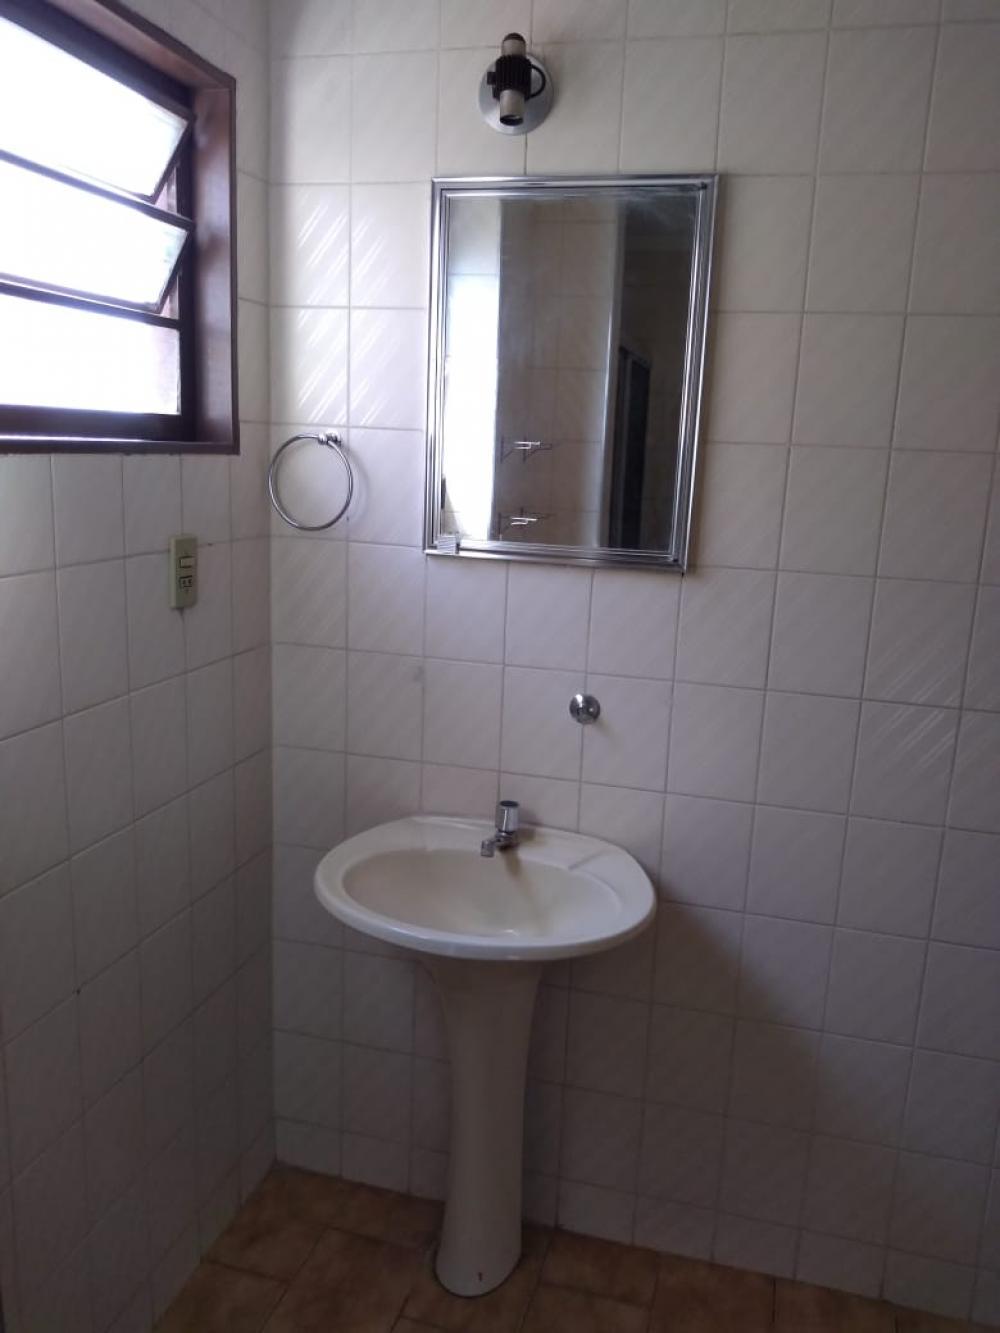 Comprar Apartamento / Padrão em São José do Rio Preto R$ 180.000,00 - Foto 7